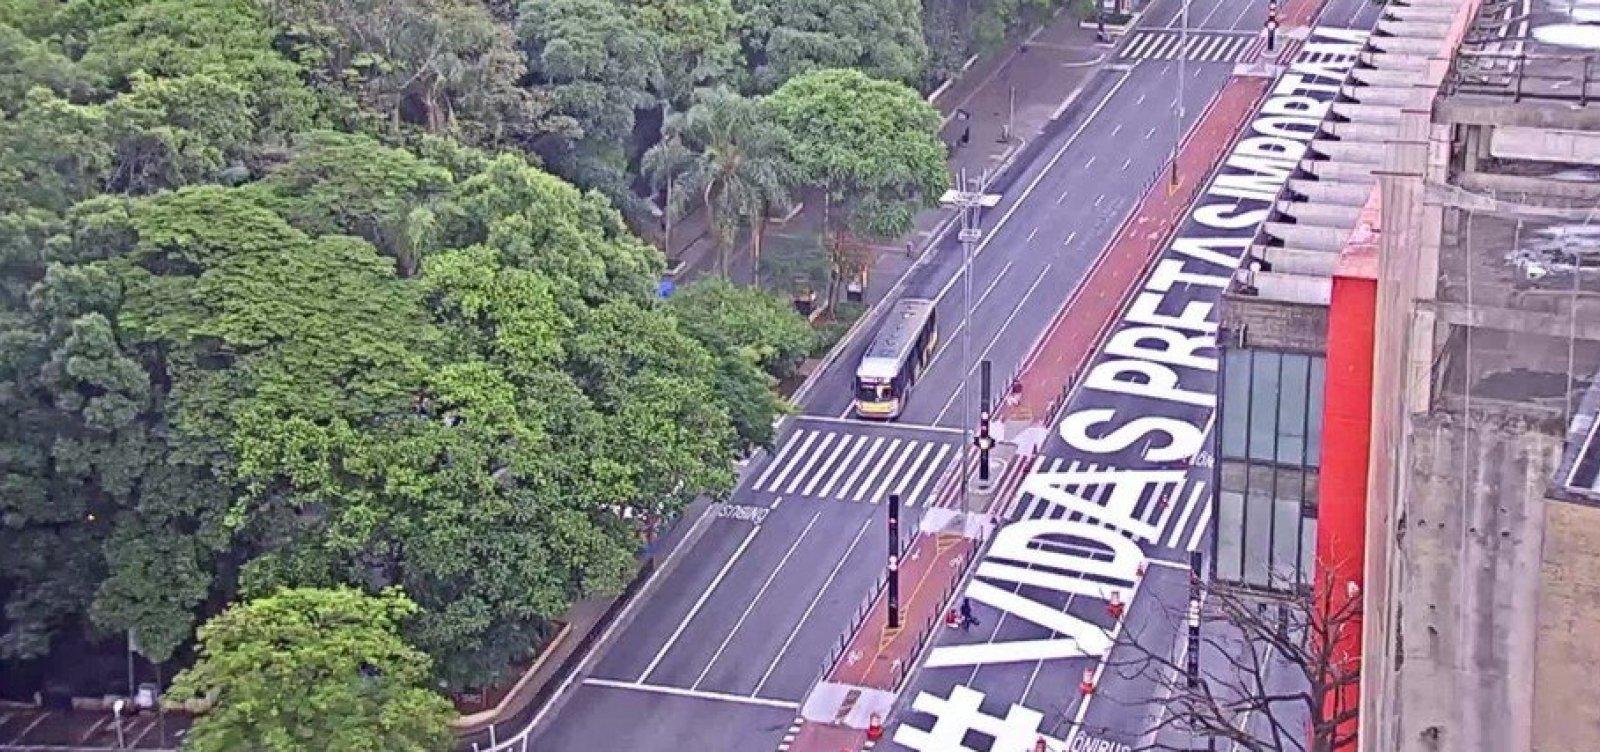 [Após protestos, frase 'Vidas Pretas Importam' é pintada na Avenida Paulista]